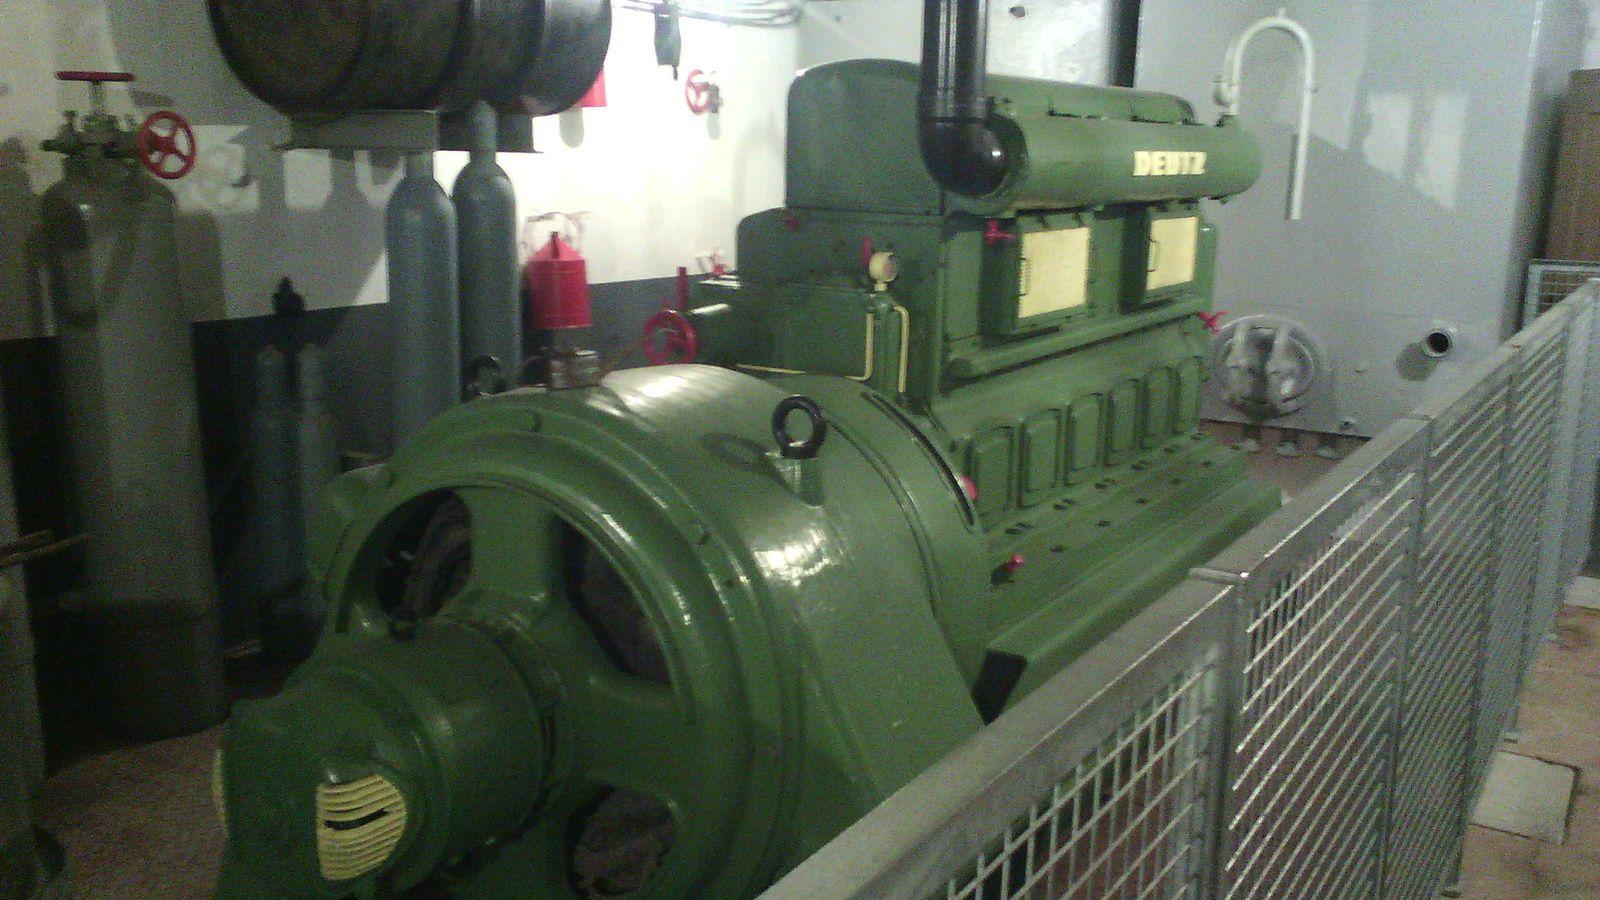 l intérieur du musée....une génératrice  Deutz de 36 KWH...elle était alimentée en gas oil...deux cuves de 6750 litres se trouvaient dans une salle voisine..cette machine fournissait le courant a l ensemble de la batterie..